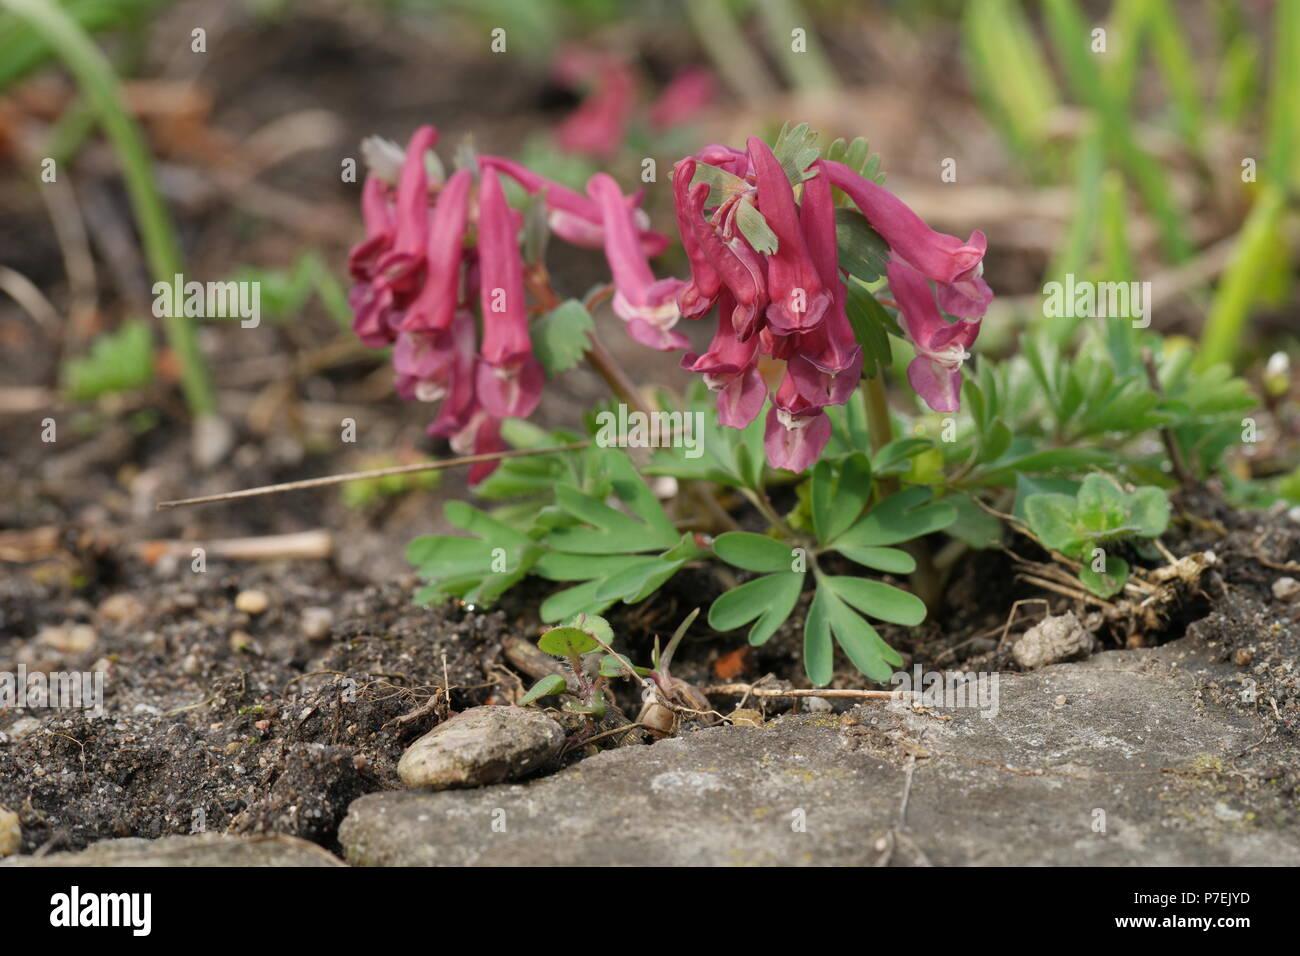 Corydalis solida (Lerchensporn) (Fumewort) (Corydale à bulbe plein) Foto de stock